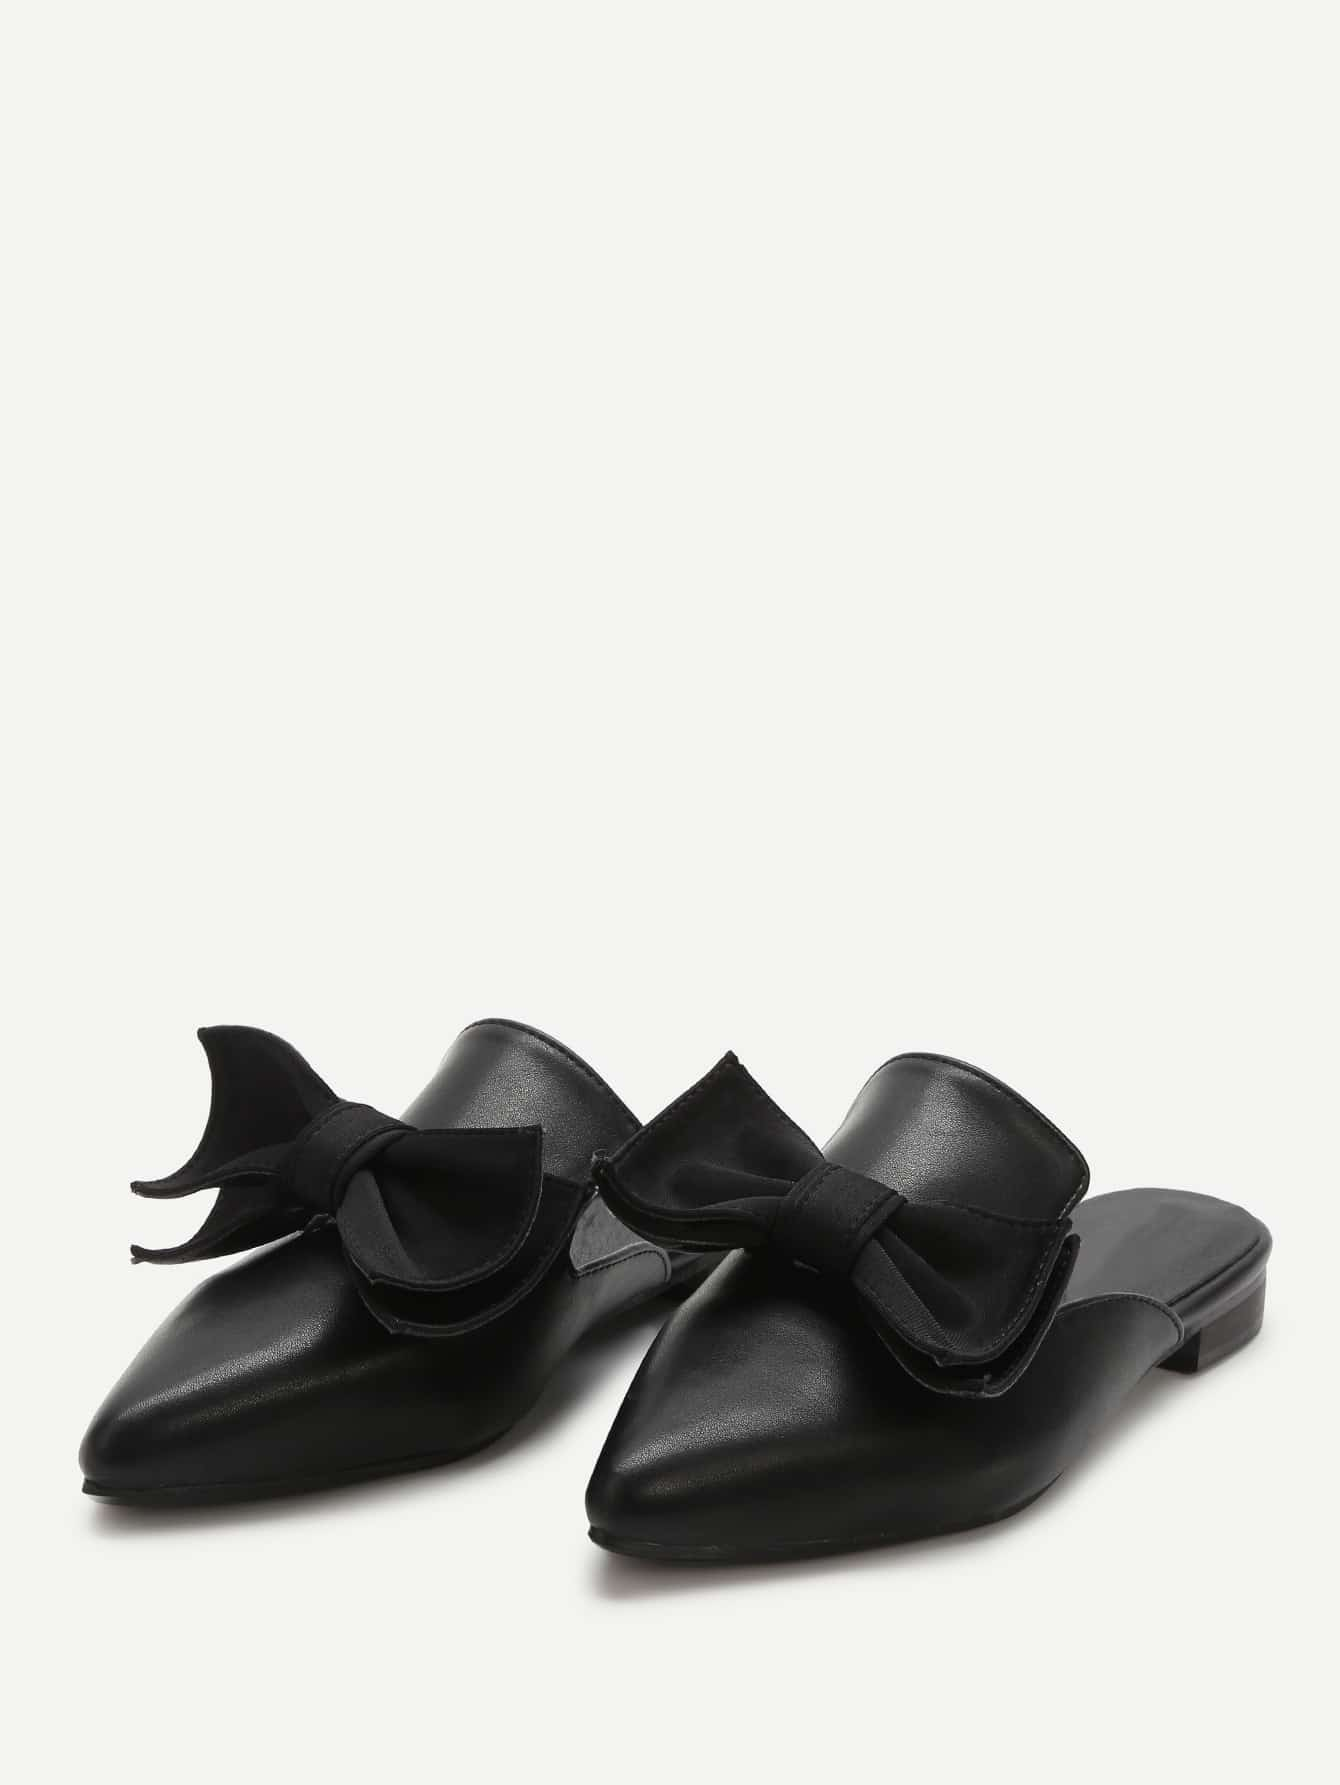 shoes170320809_2